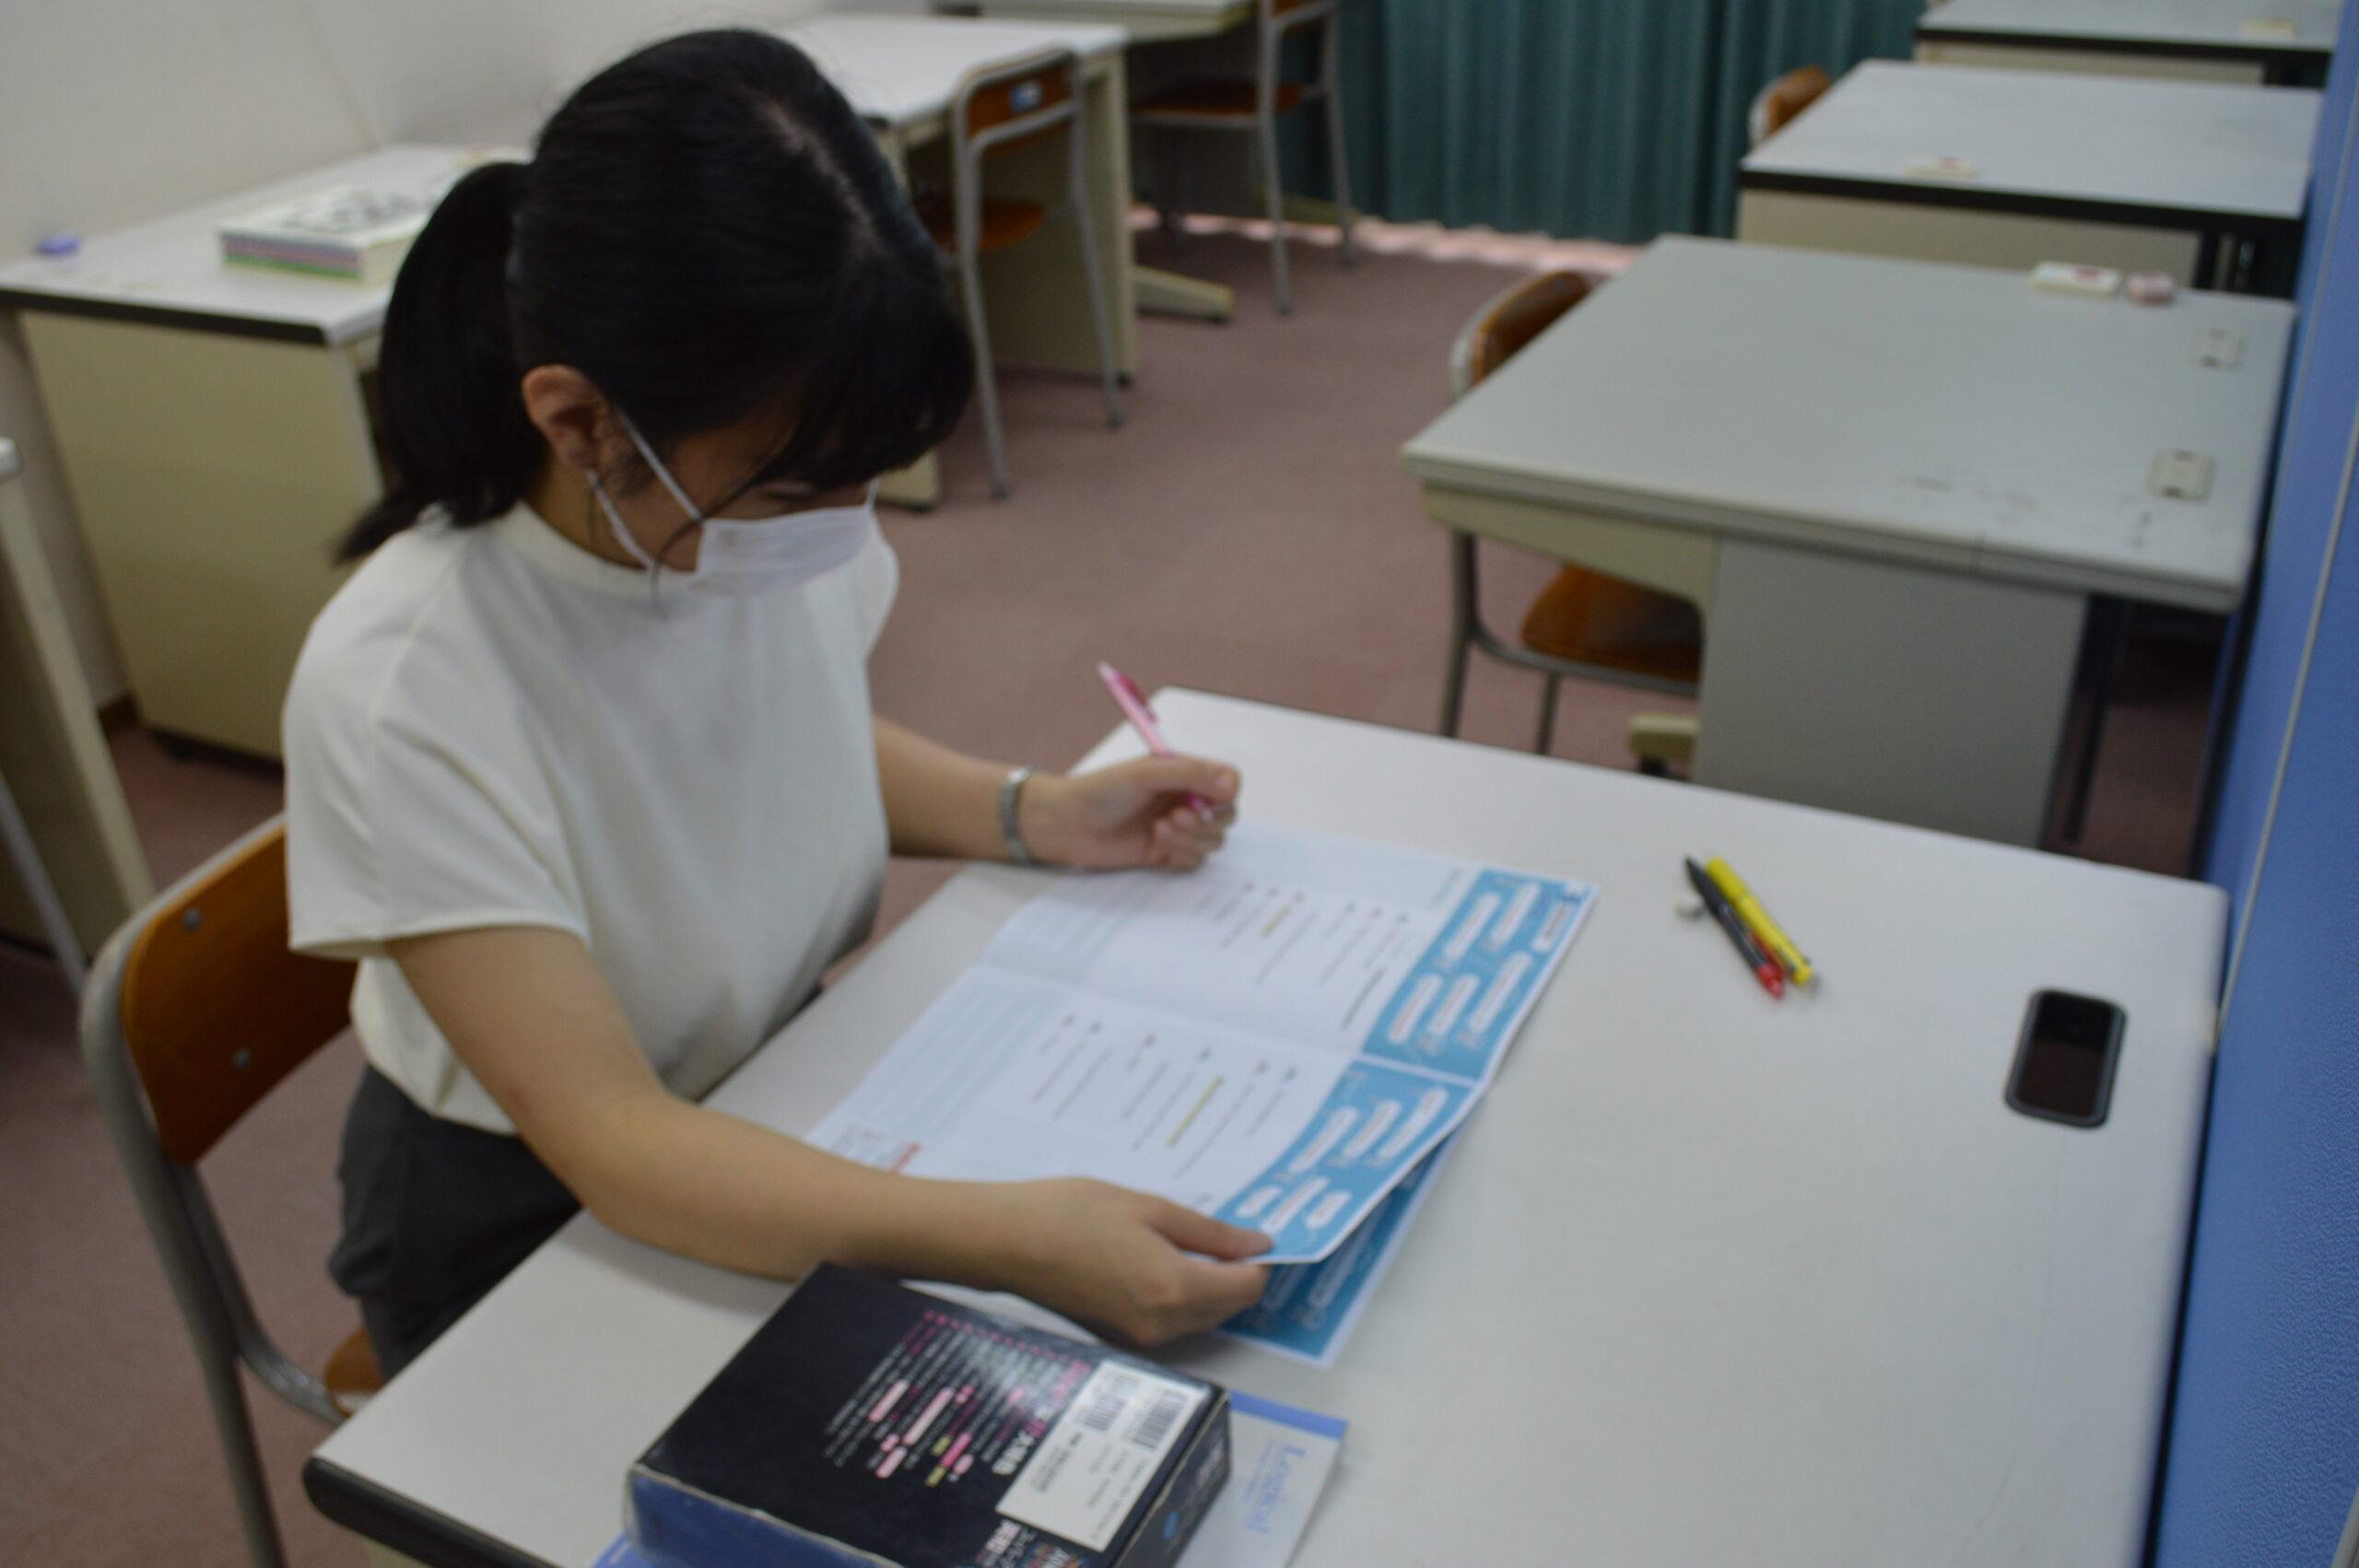 講師が体験してみました。~Smapen English~page-visual 講師が体験してみました。~Smapen English~ビジュアル